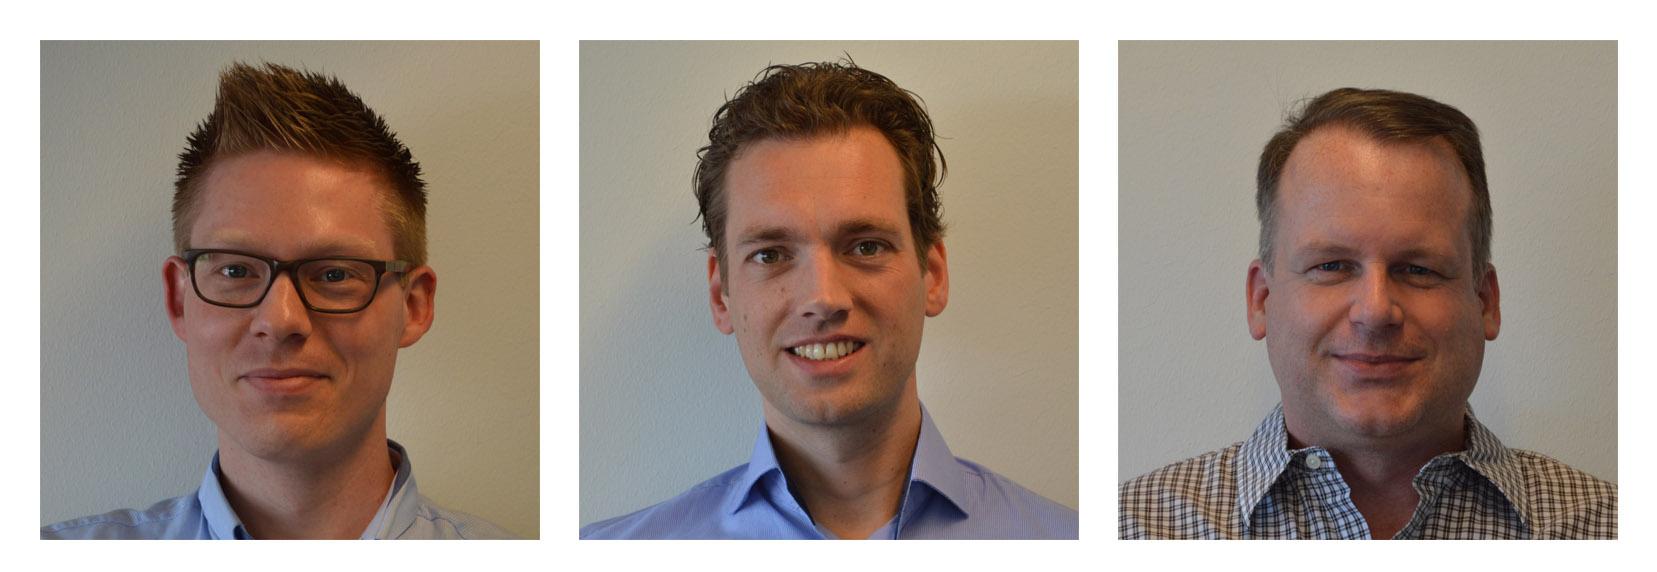 The SPIN remote team (L-R): Arjan van Bremen, Mathijs Vaessen and Ruud de Vaal